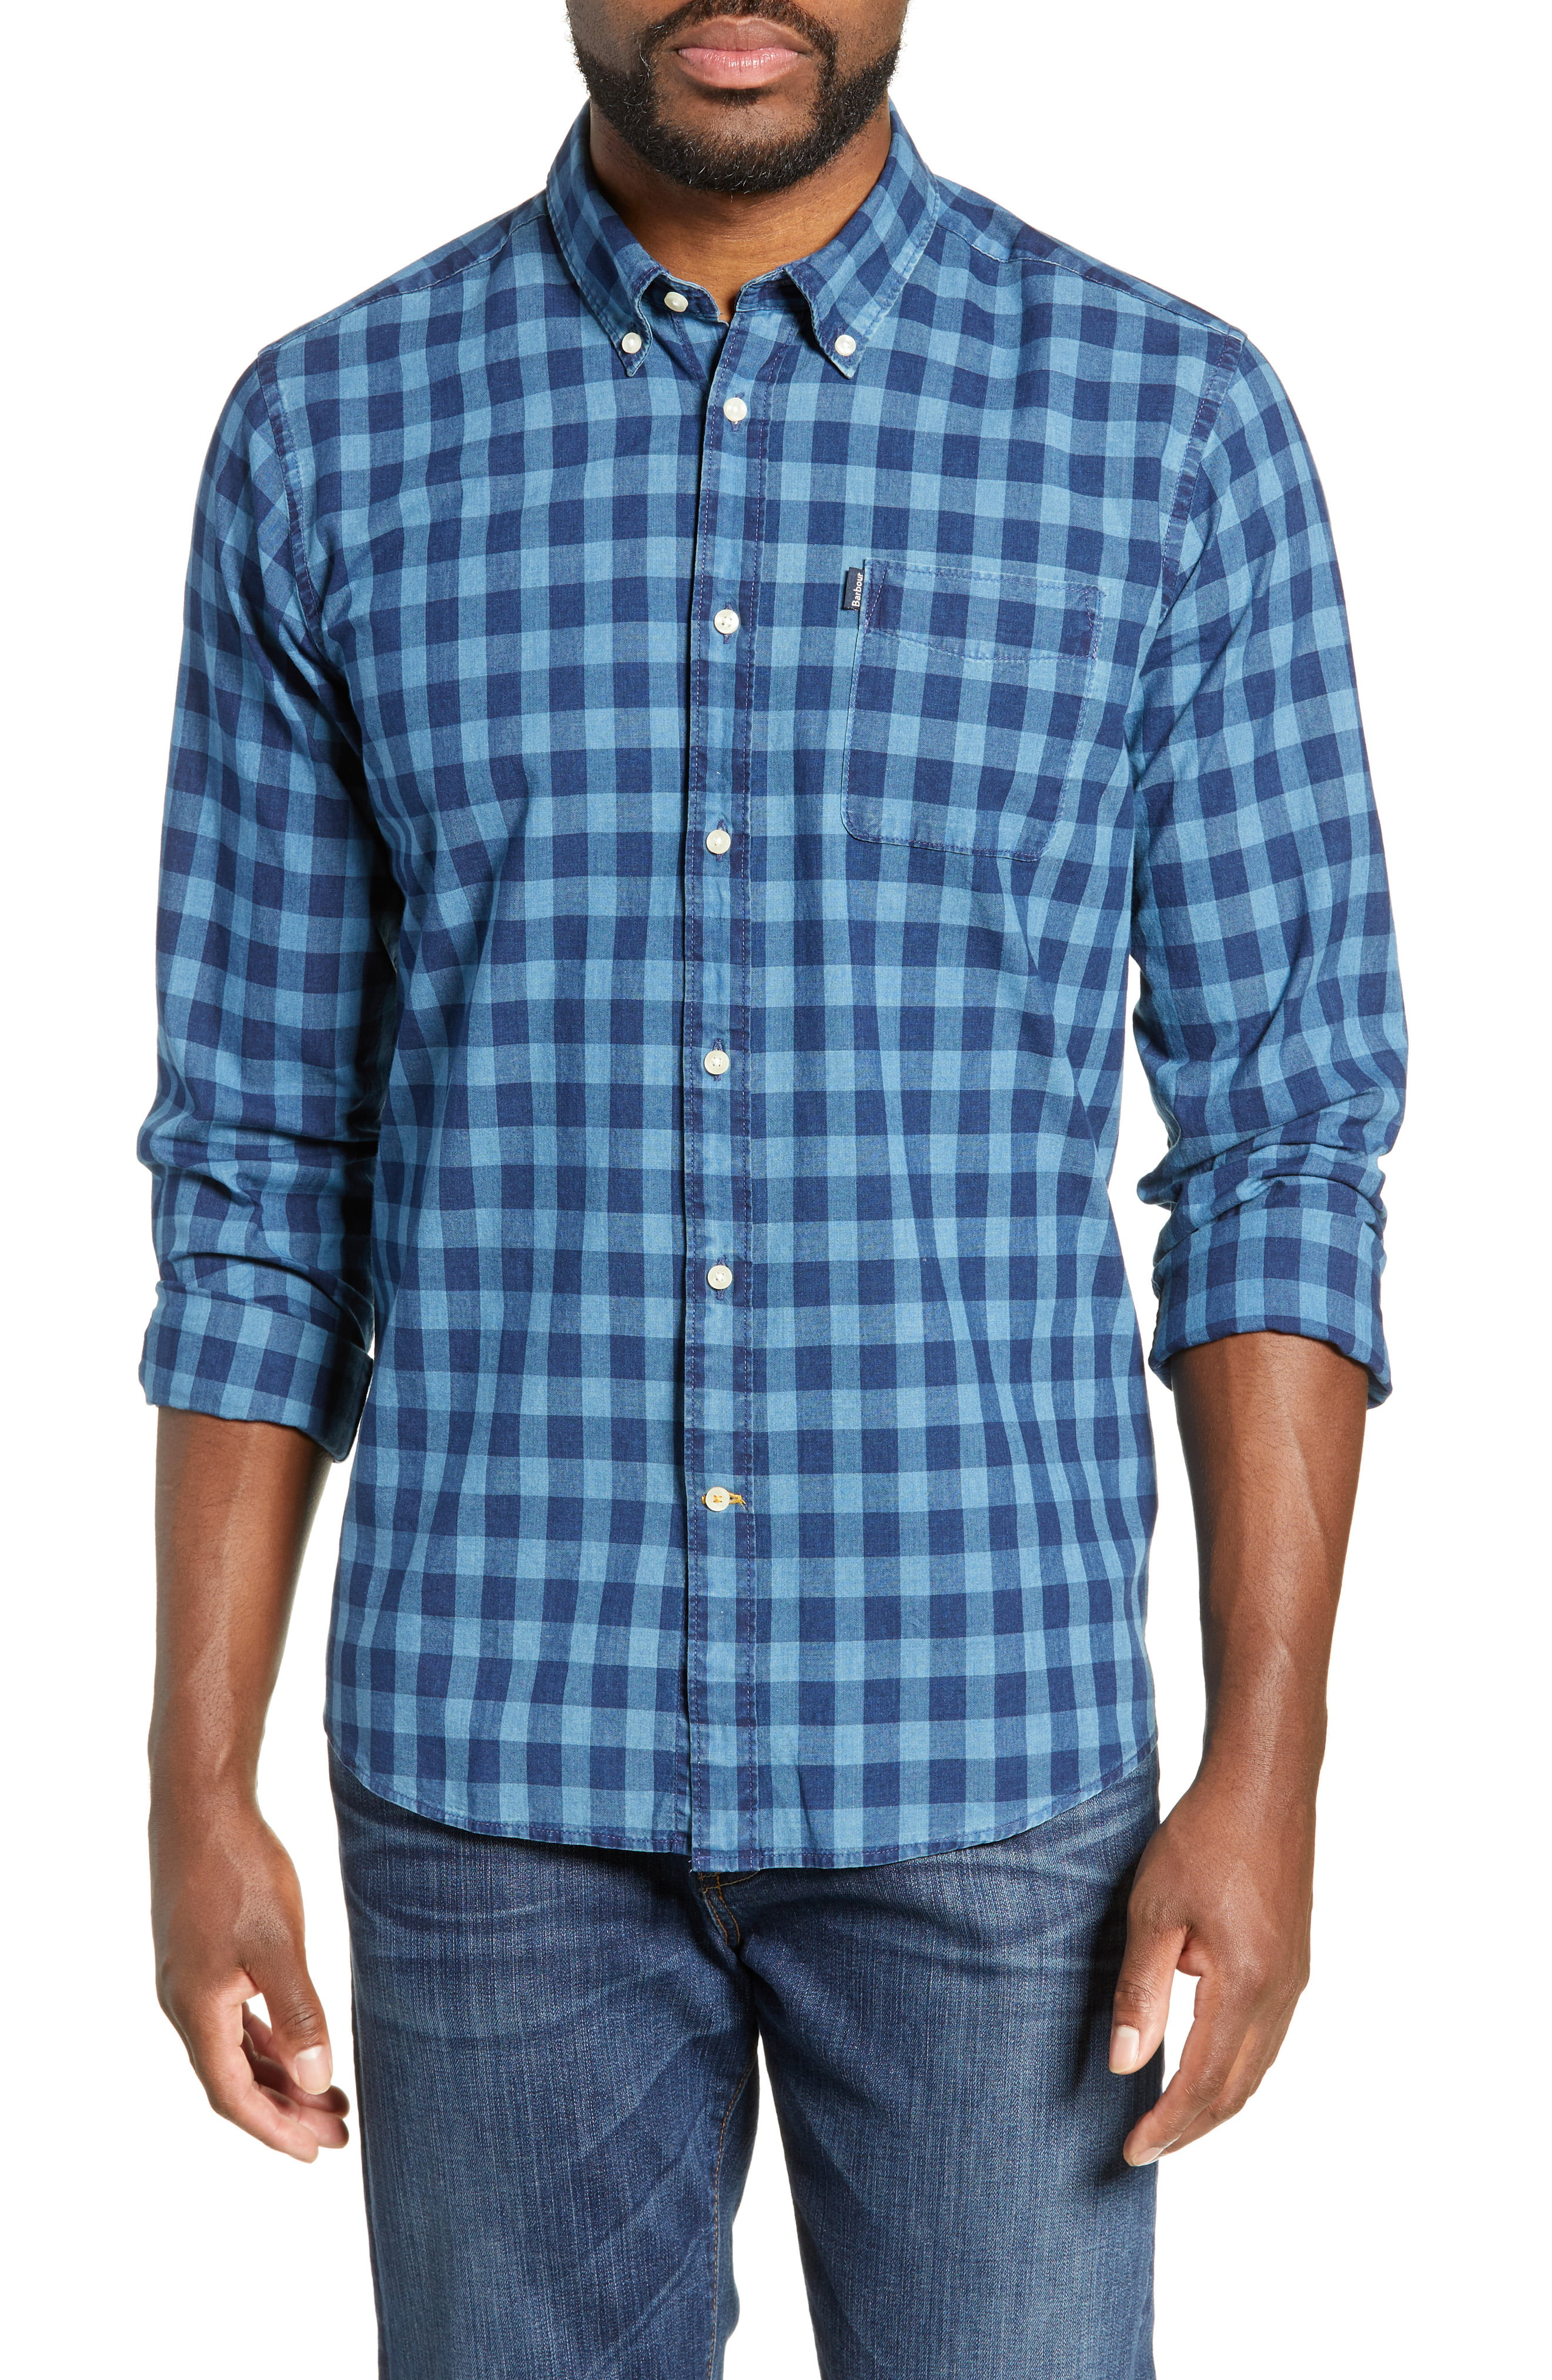 97e628dede8c9 Men's Barbour Indigo Tailored Fit Check Shirt, Size Large - Blue ...